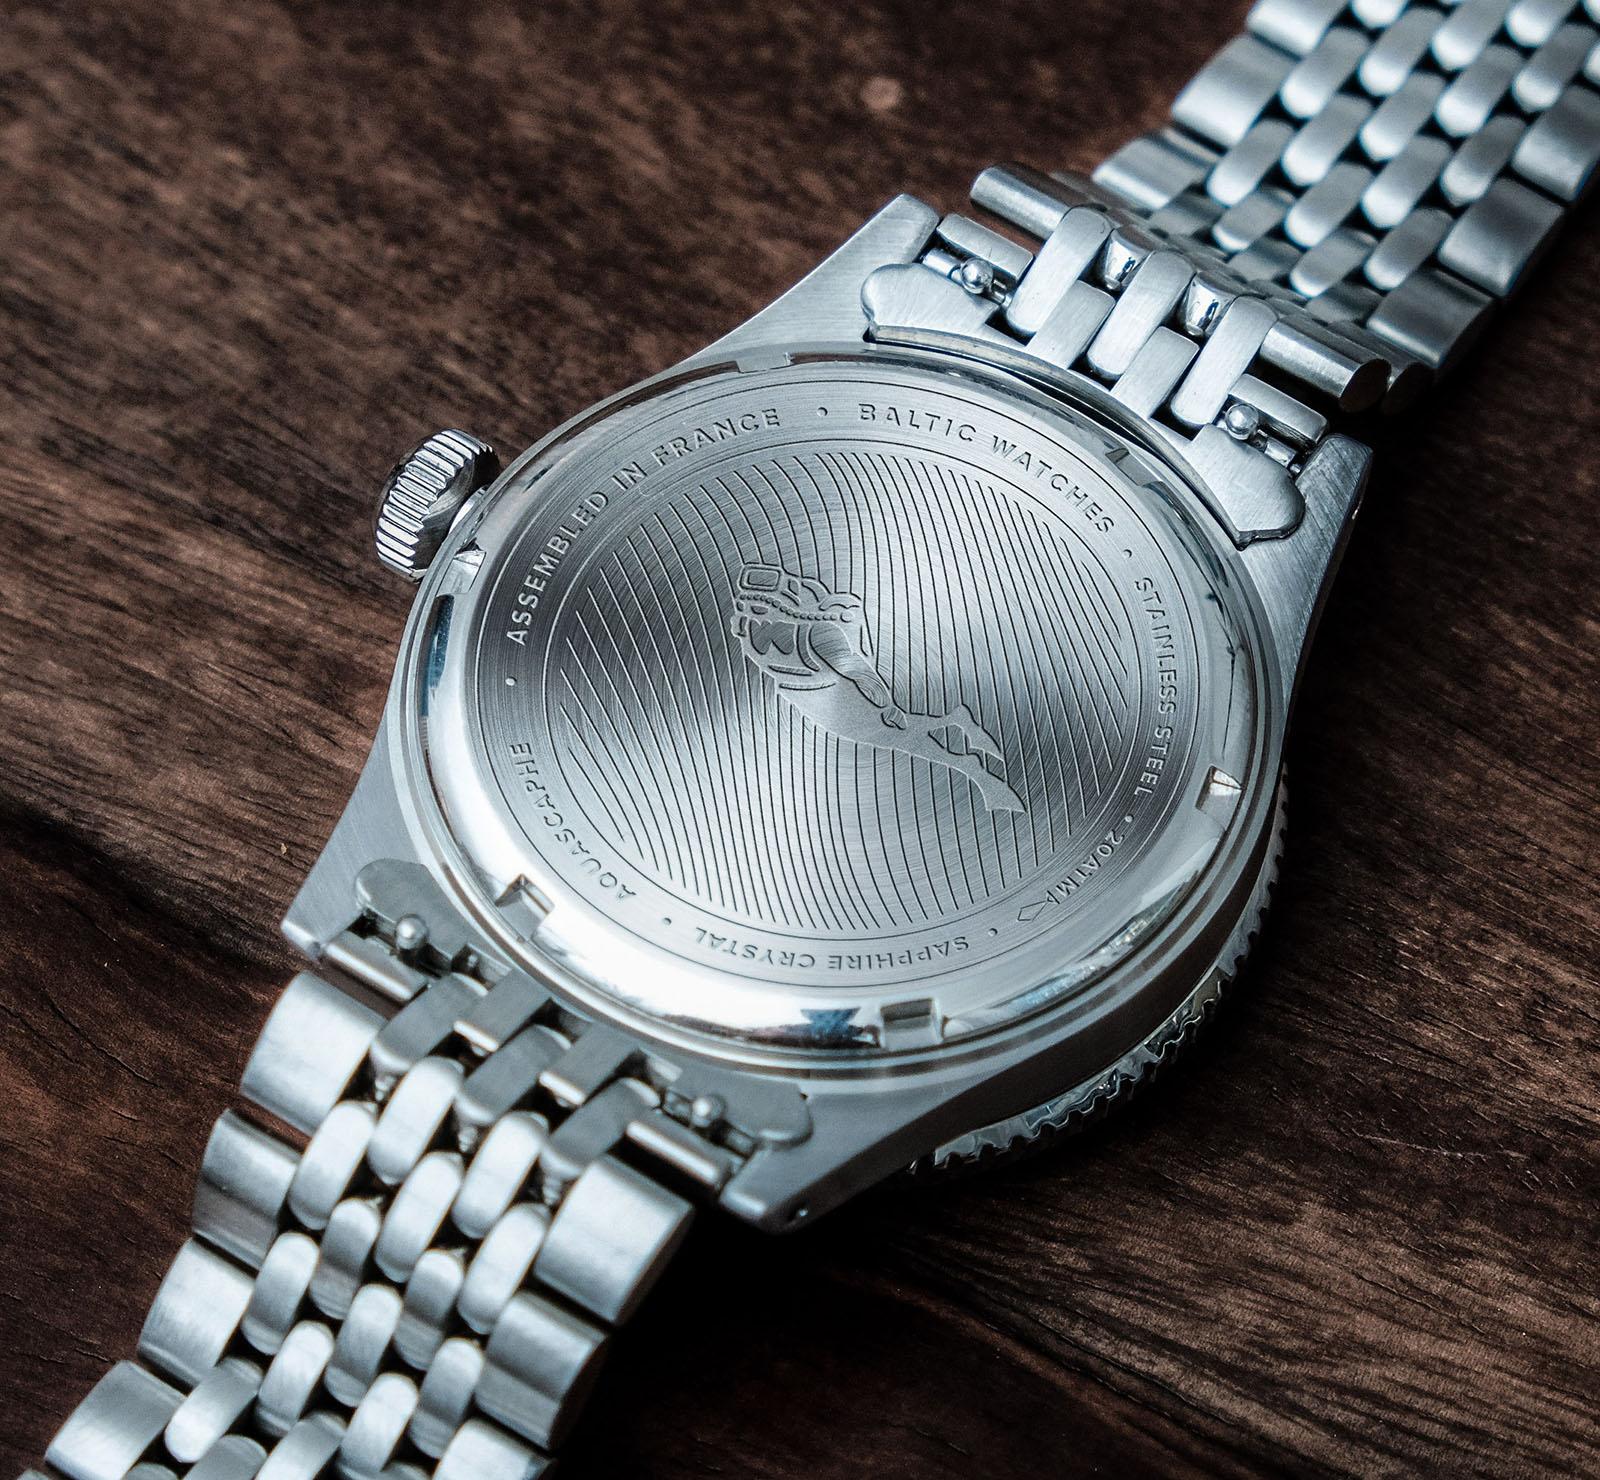 Baltic Aquascaphe Dive Watch 7